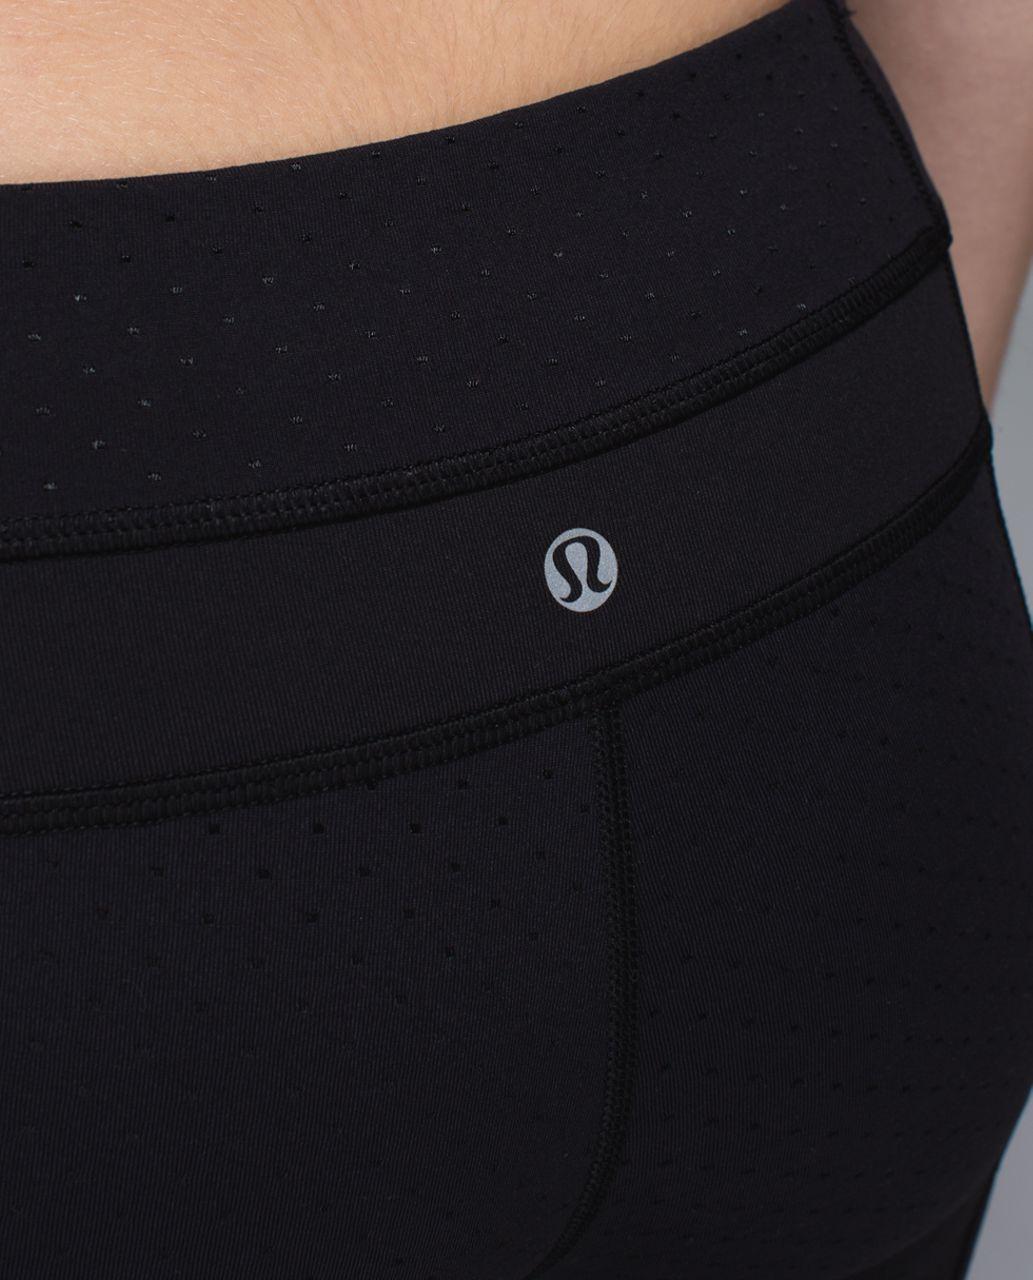 Lululemon Skinny Groove Pant *Full-On Luon - Shine Dot Black / Black